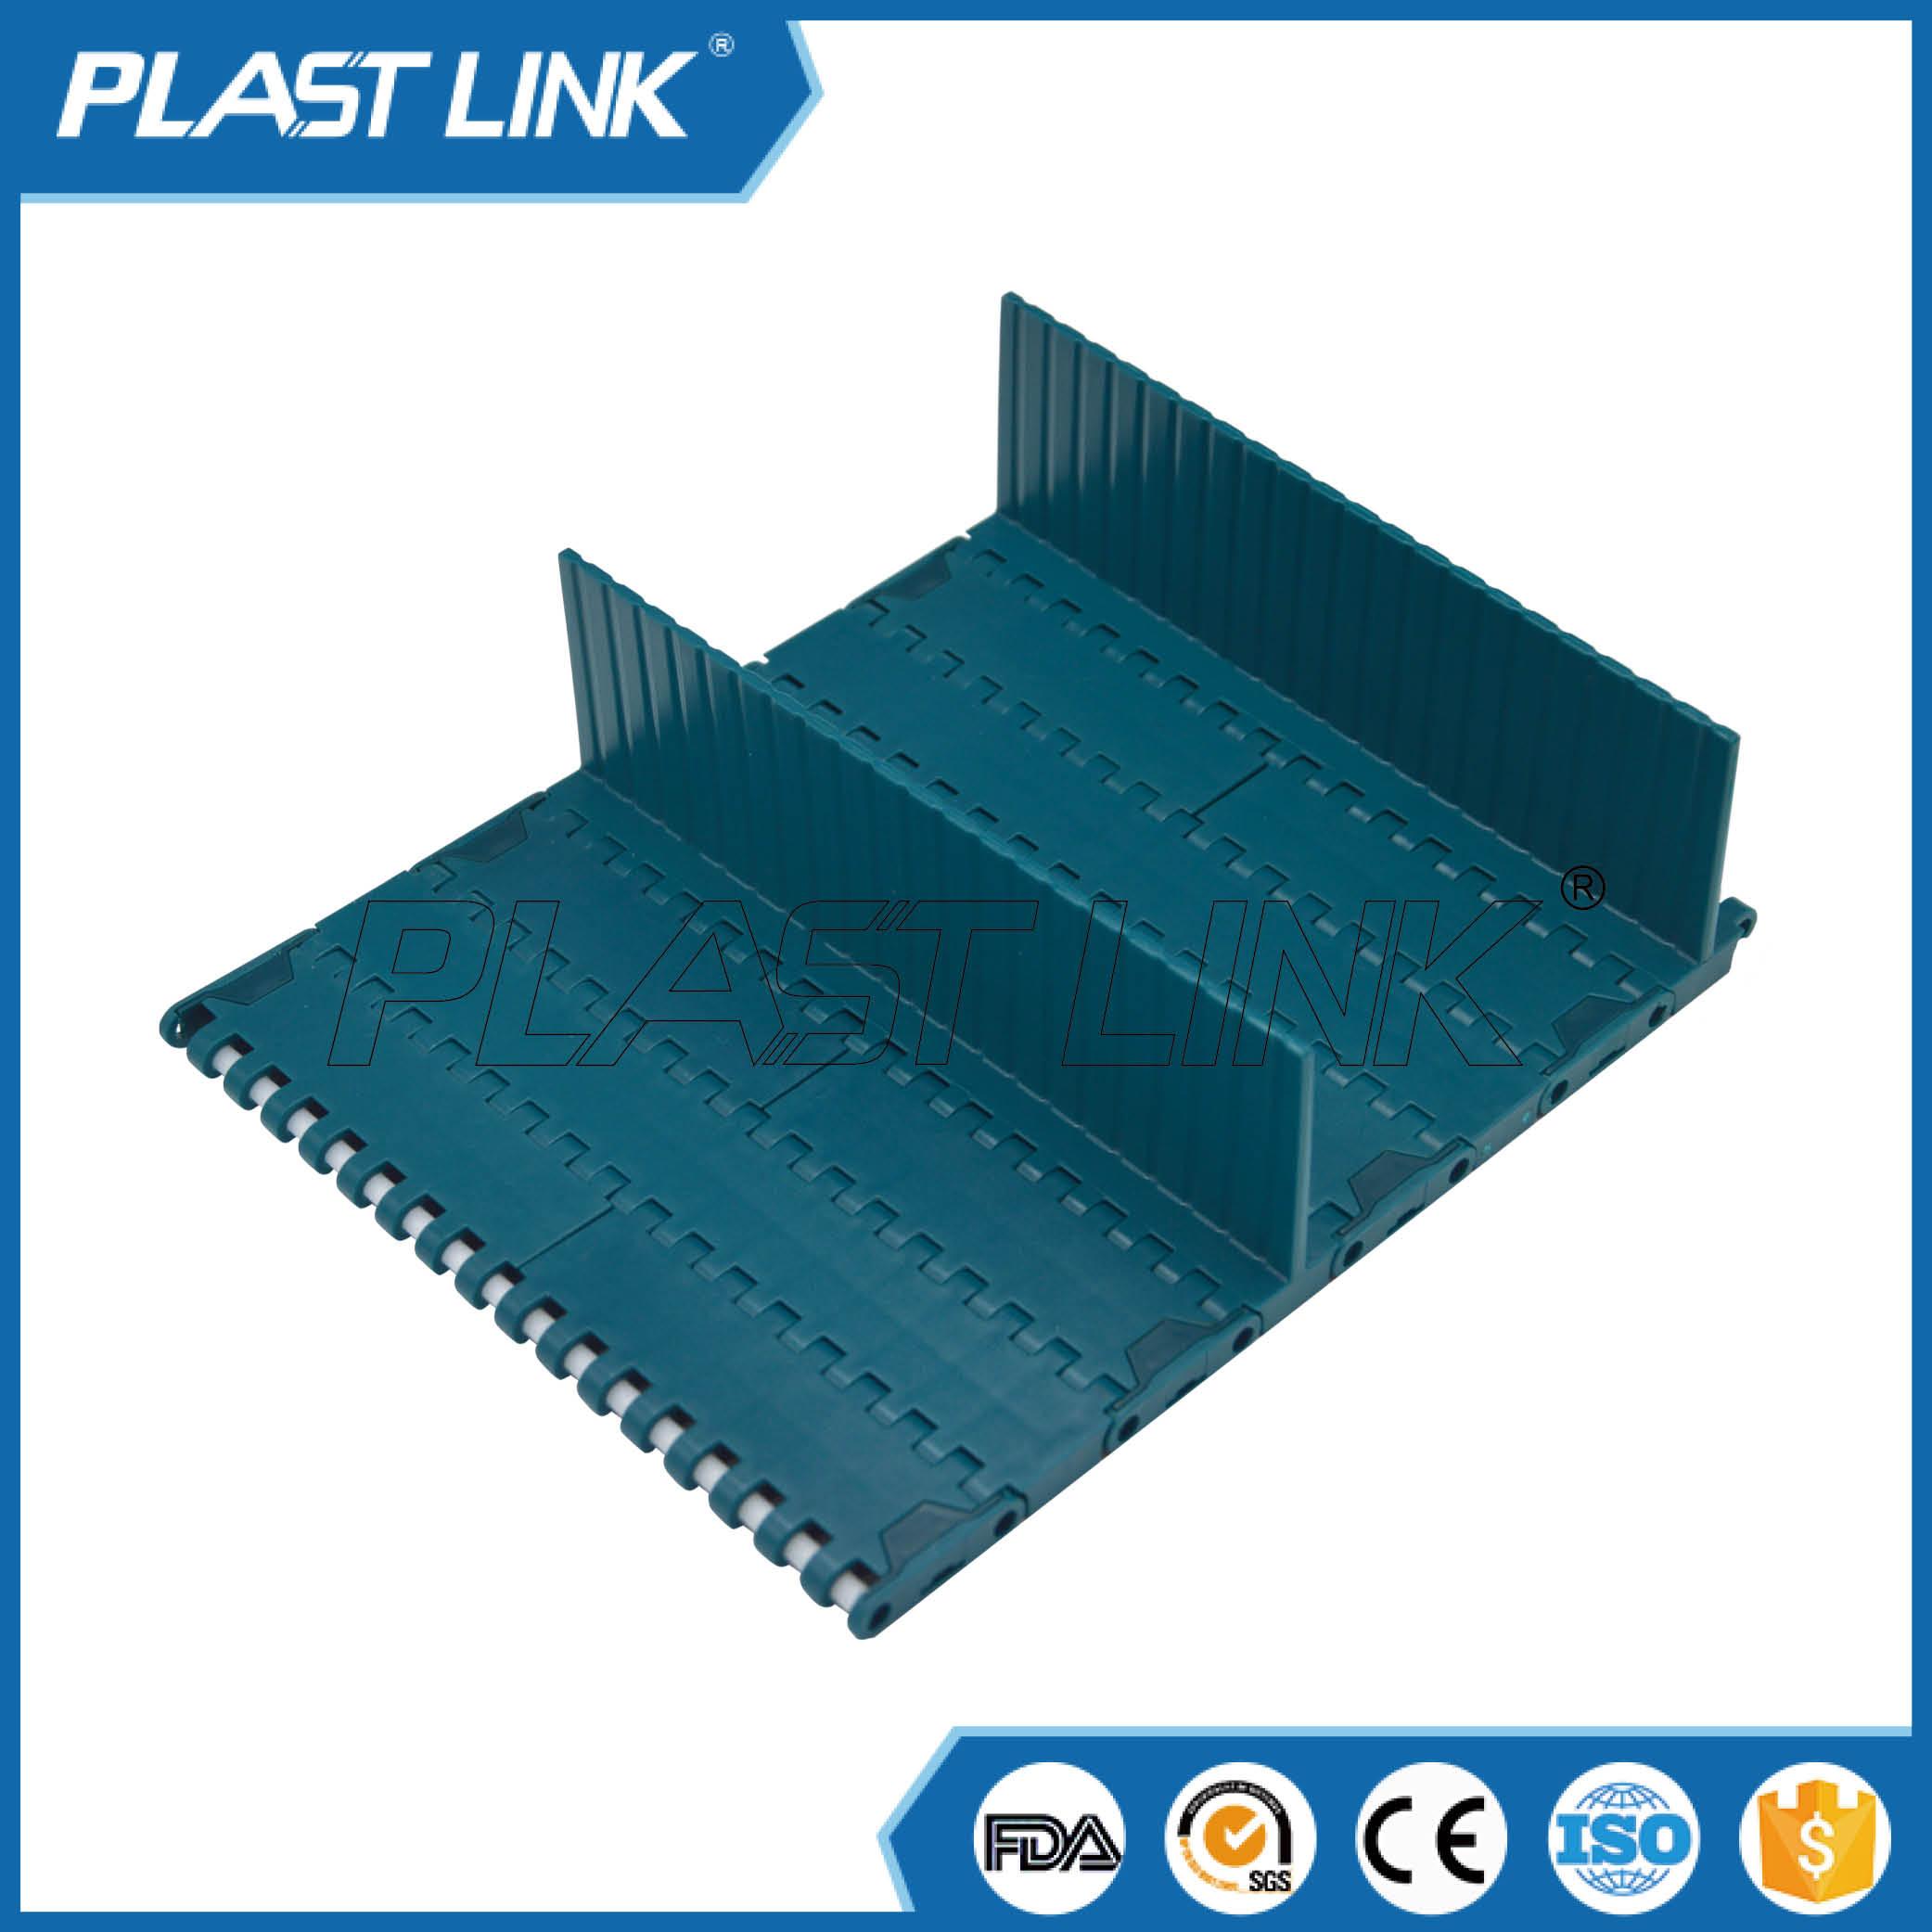 PlastLink 1000 slat top modular belt with base flight